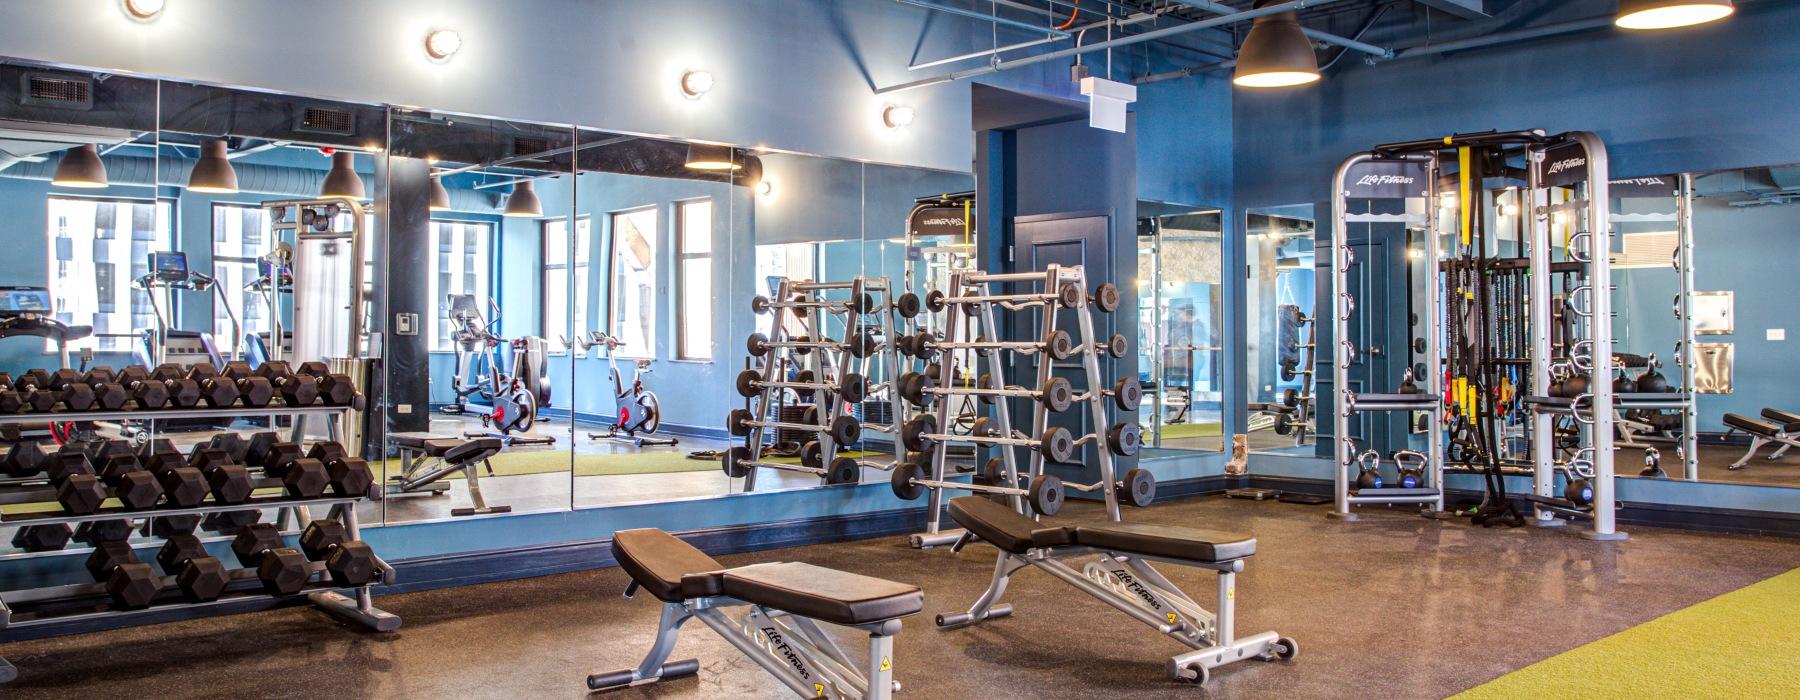 Top 5 Gyms in Pilsen